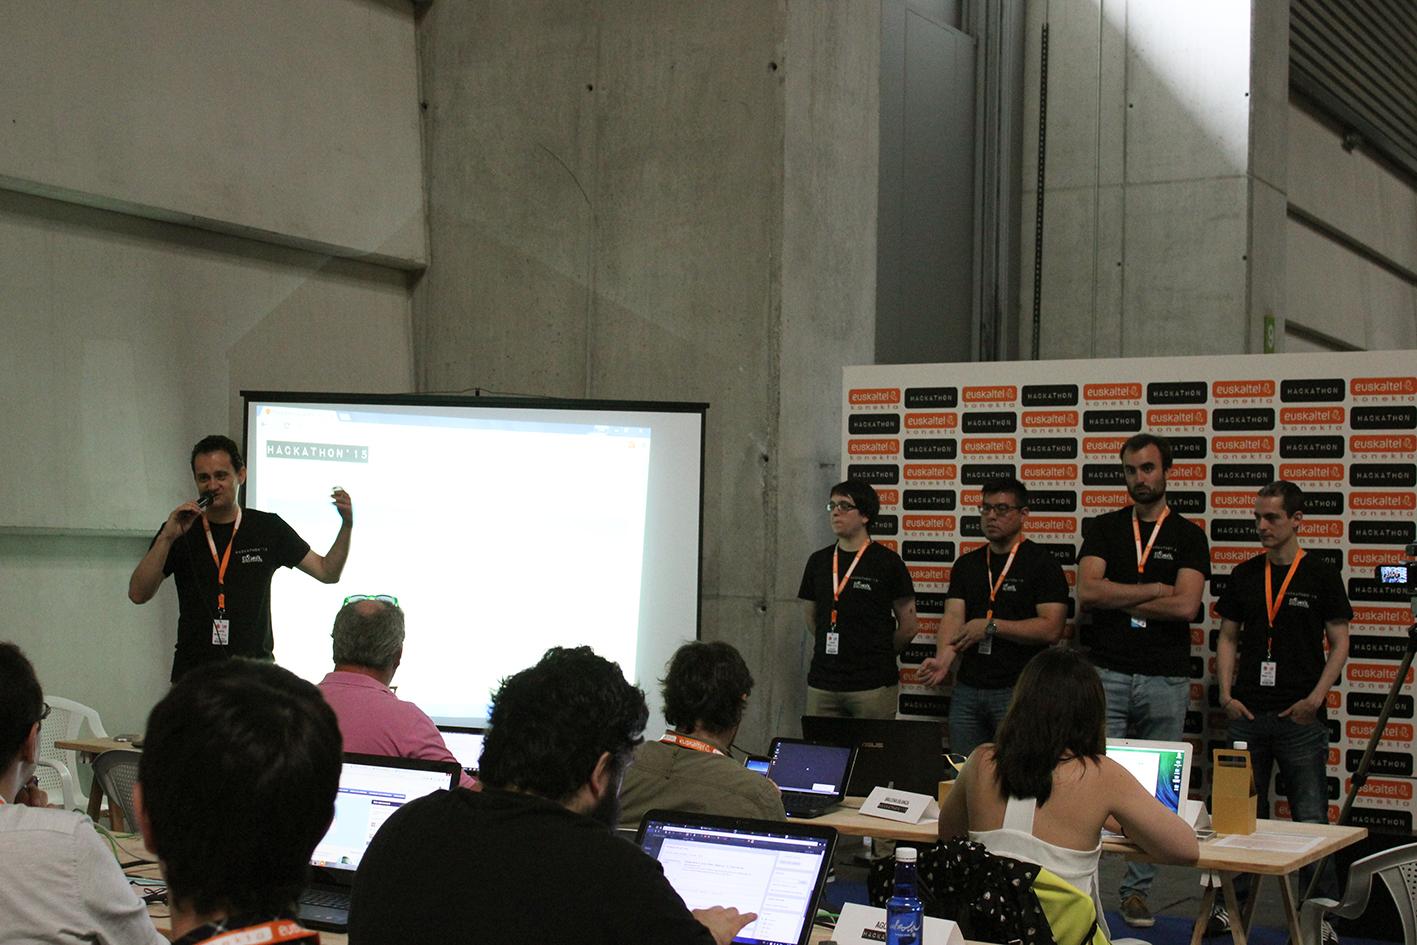 Participantes y equipo técnico del Hackathon 2015.